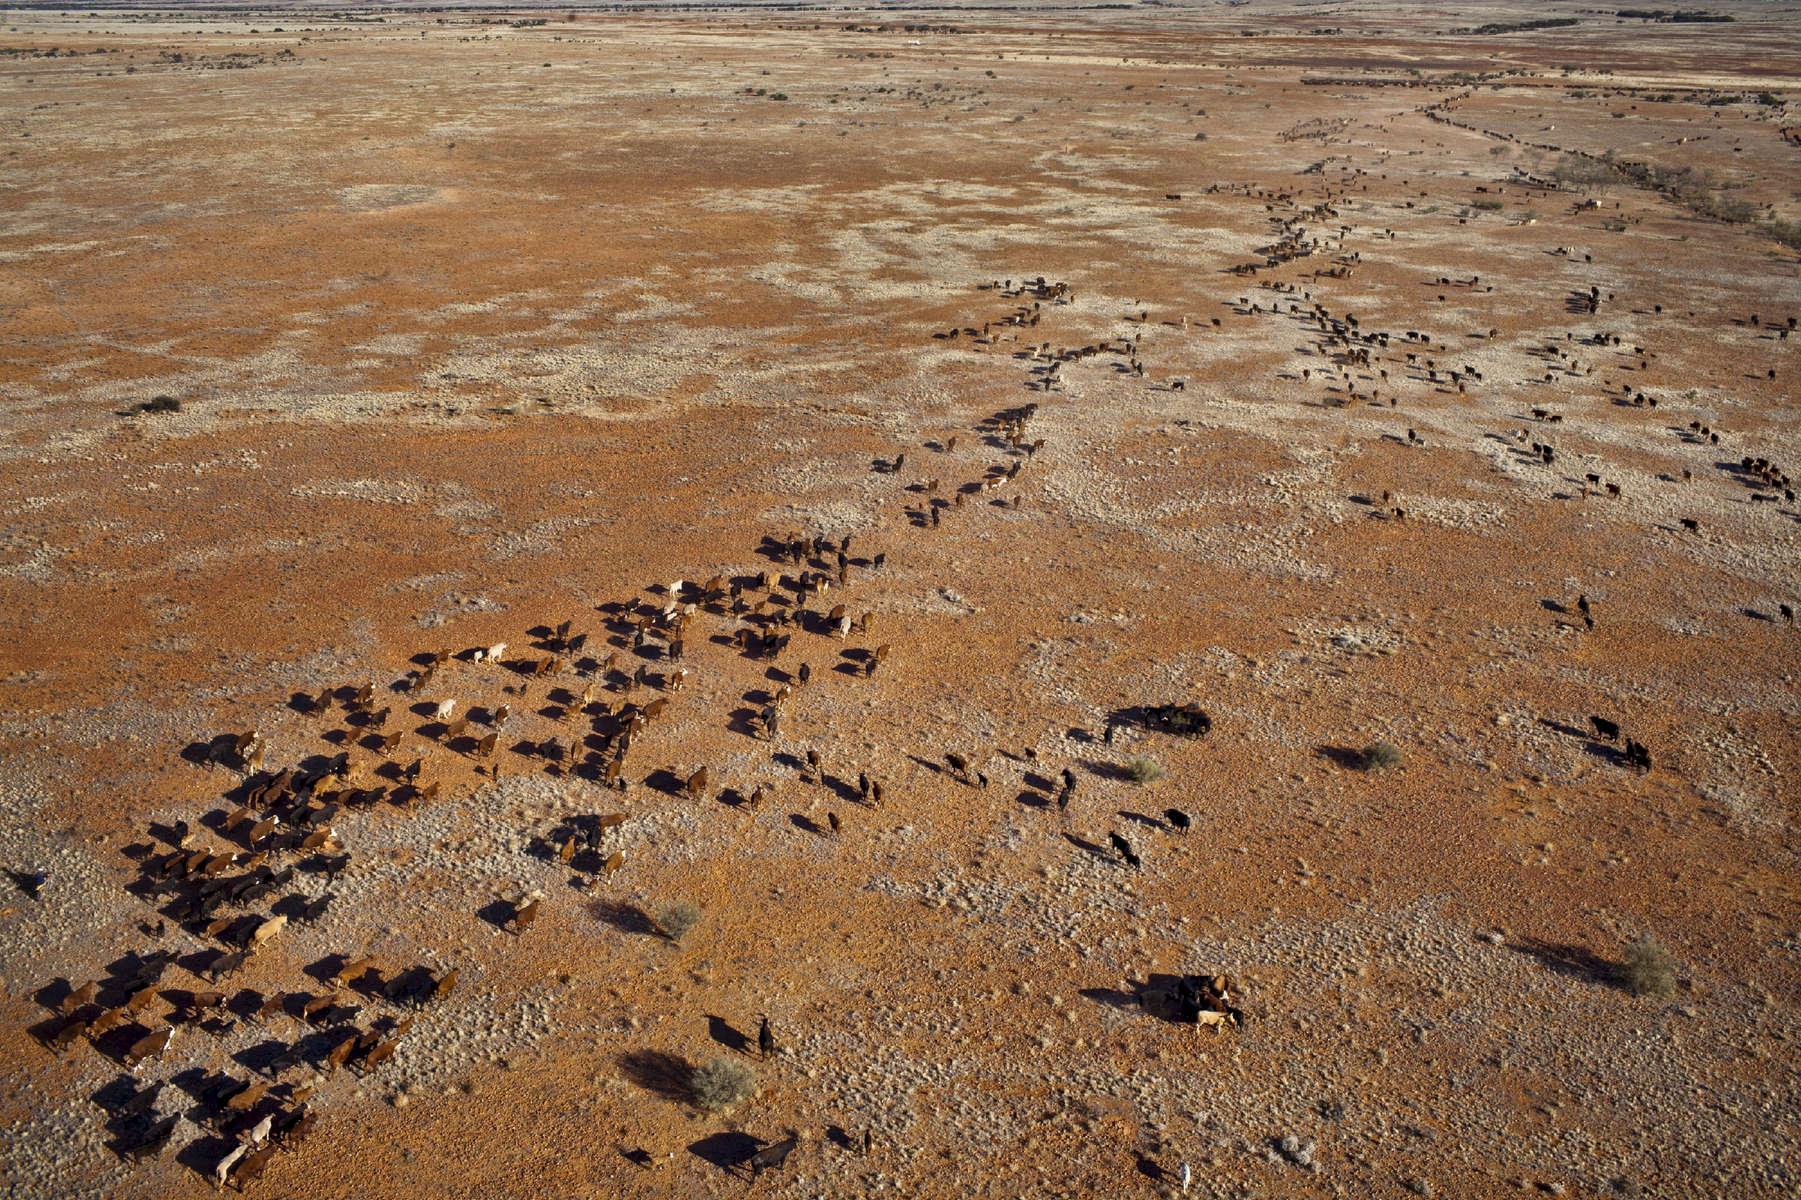 De l'hélicoptère, le pilote repère les bêtes au travers de la rivière Finke asséchée. Une fois les bêtes localisées, il informe par radio les autres membres de l'équipe qui sont à moto et en voiture. Ces derniers prendront le relais pour diriger les bêtes sur les sentiers en direction du lieu de parcage. TN,  Australie, 2011.